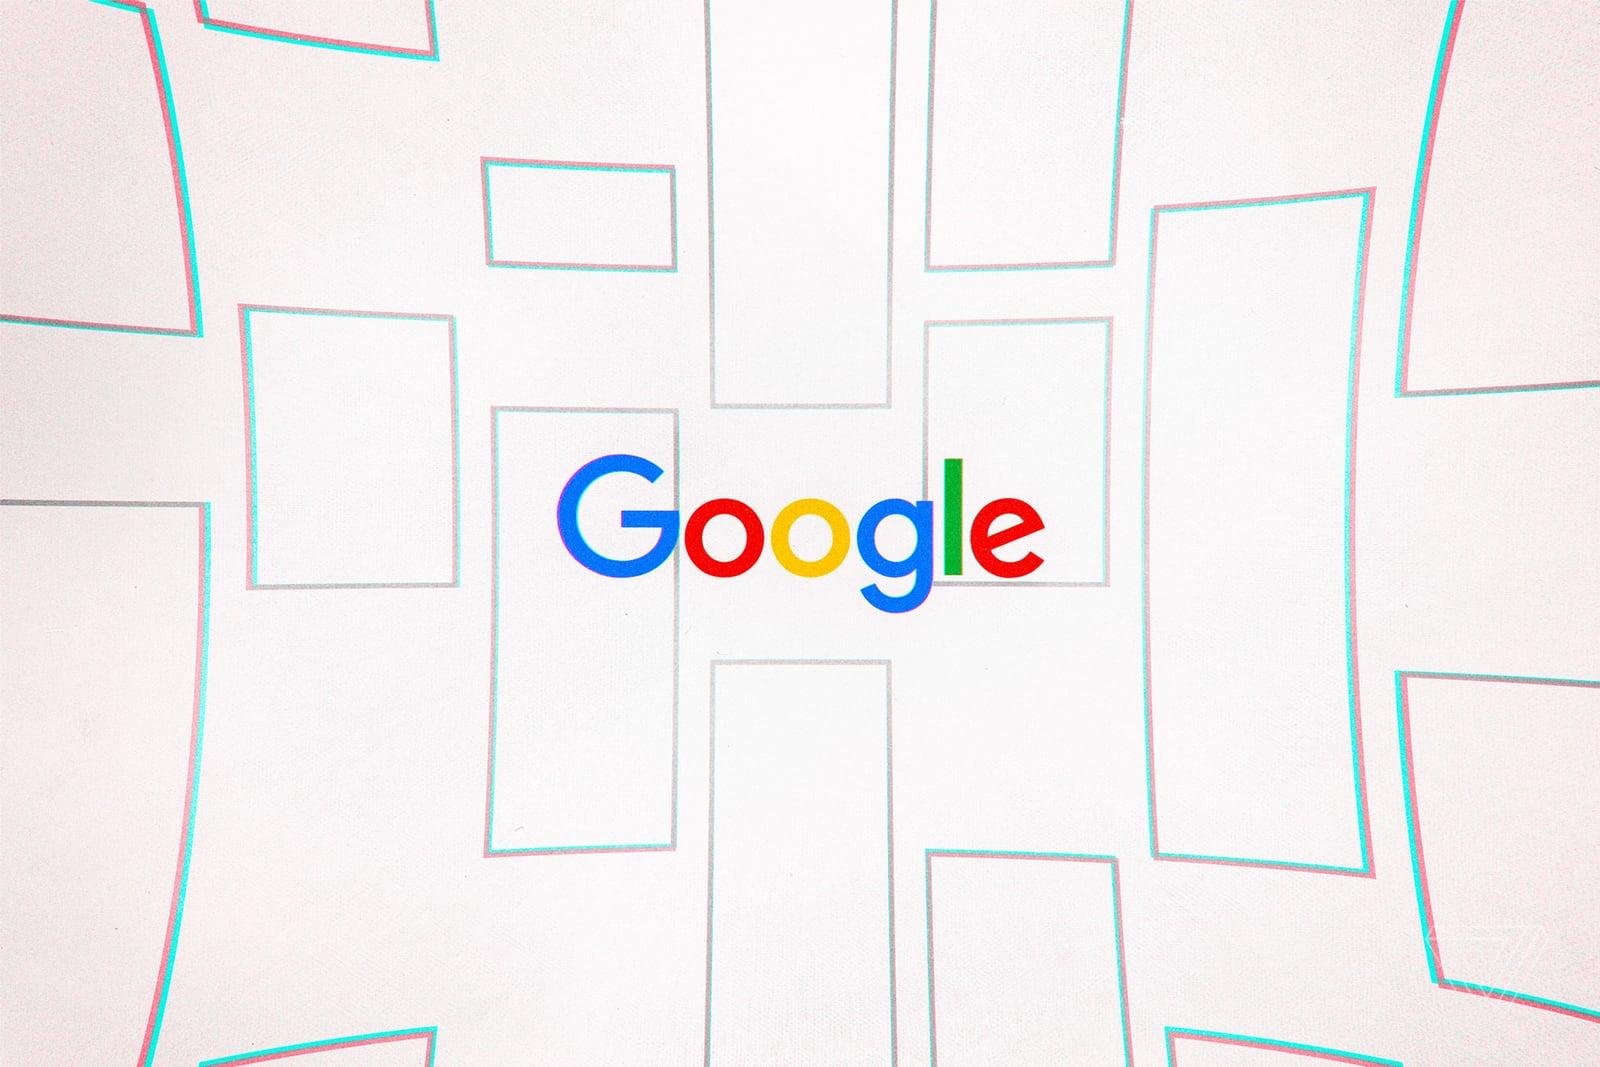 """Google sẽ sớm cho phép người dùng tự đăng ký tên miền rút gọn """".new'"""